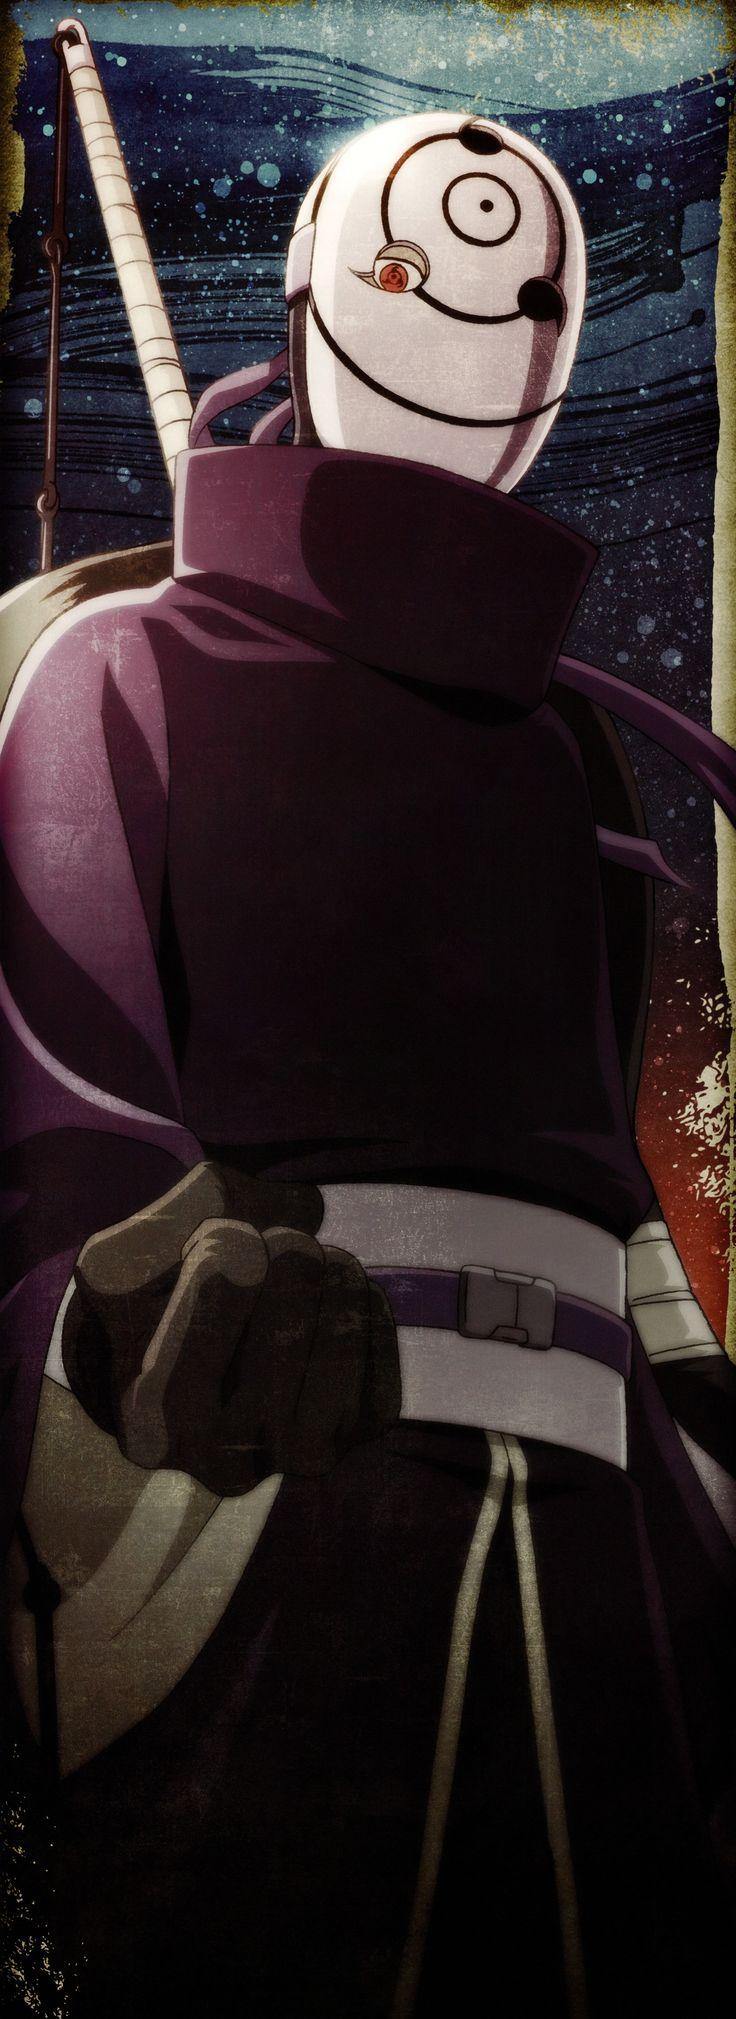 Naruto Uchiha Obito Naruto Shippuuden Tobi 5K wallpaper